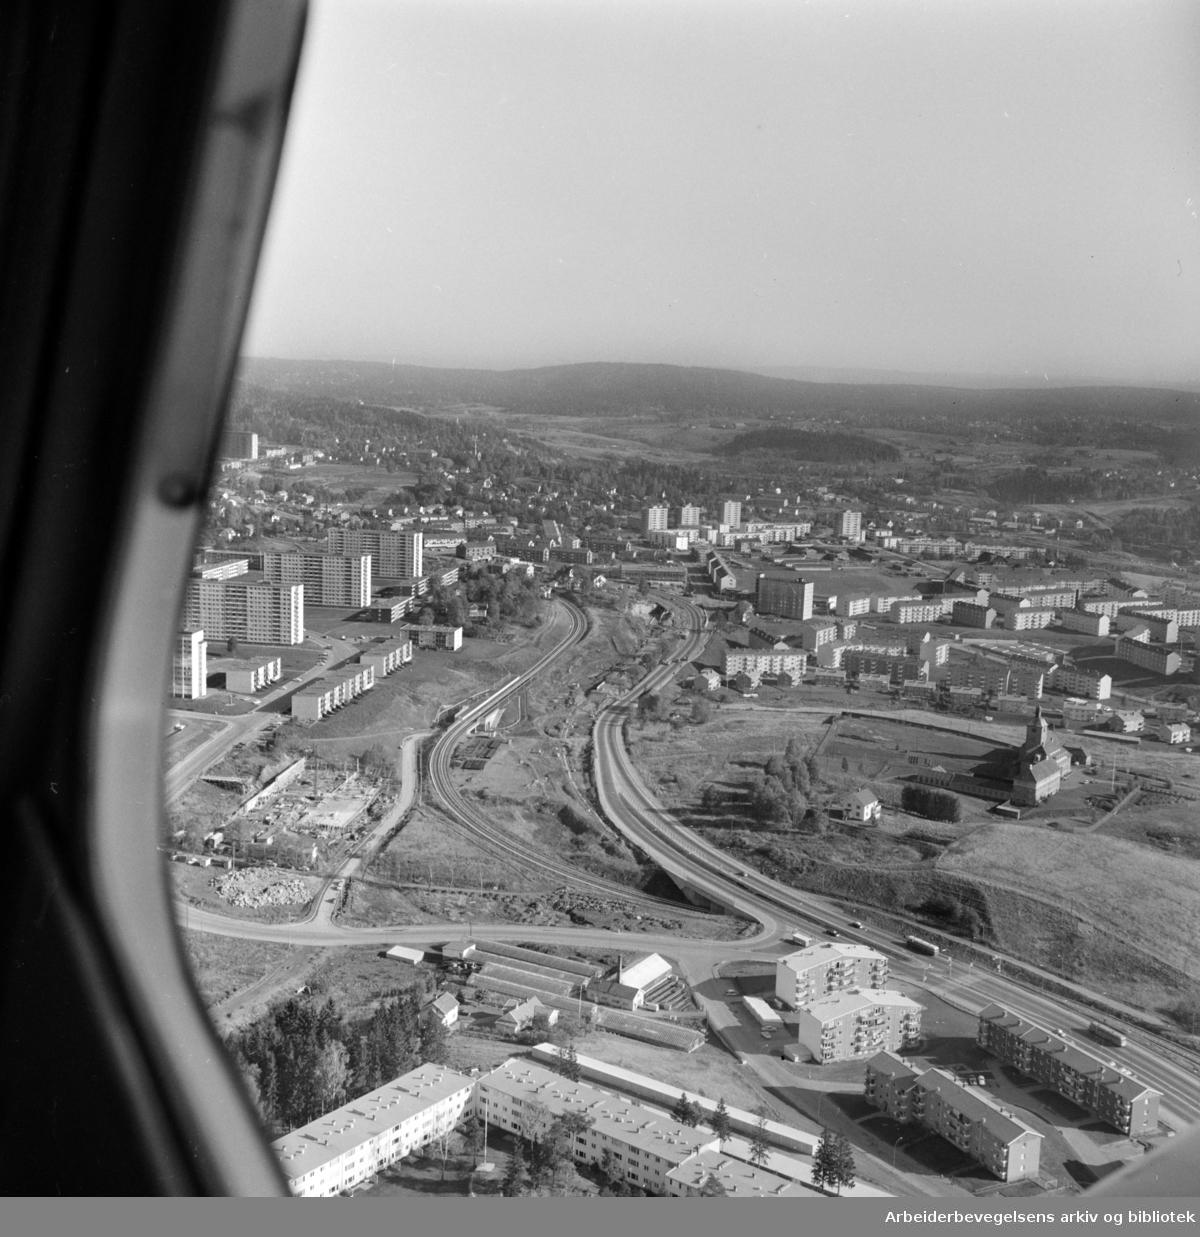 Rødtvet stasjon. Flyfoto. Oktober 1966